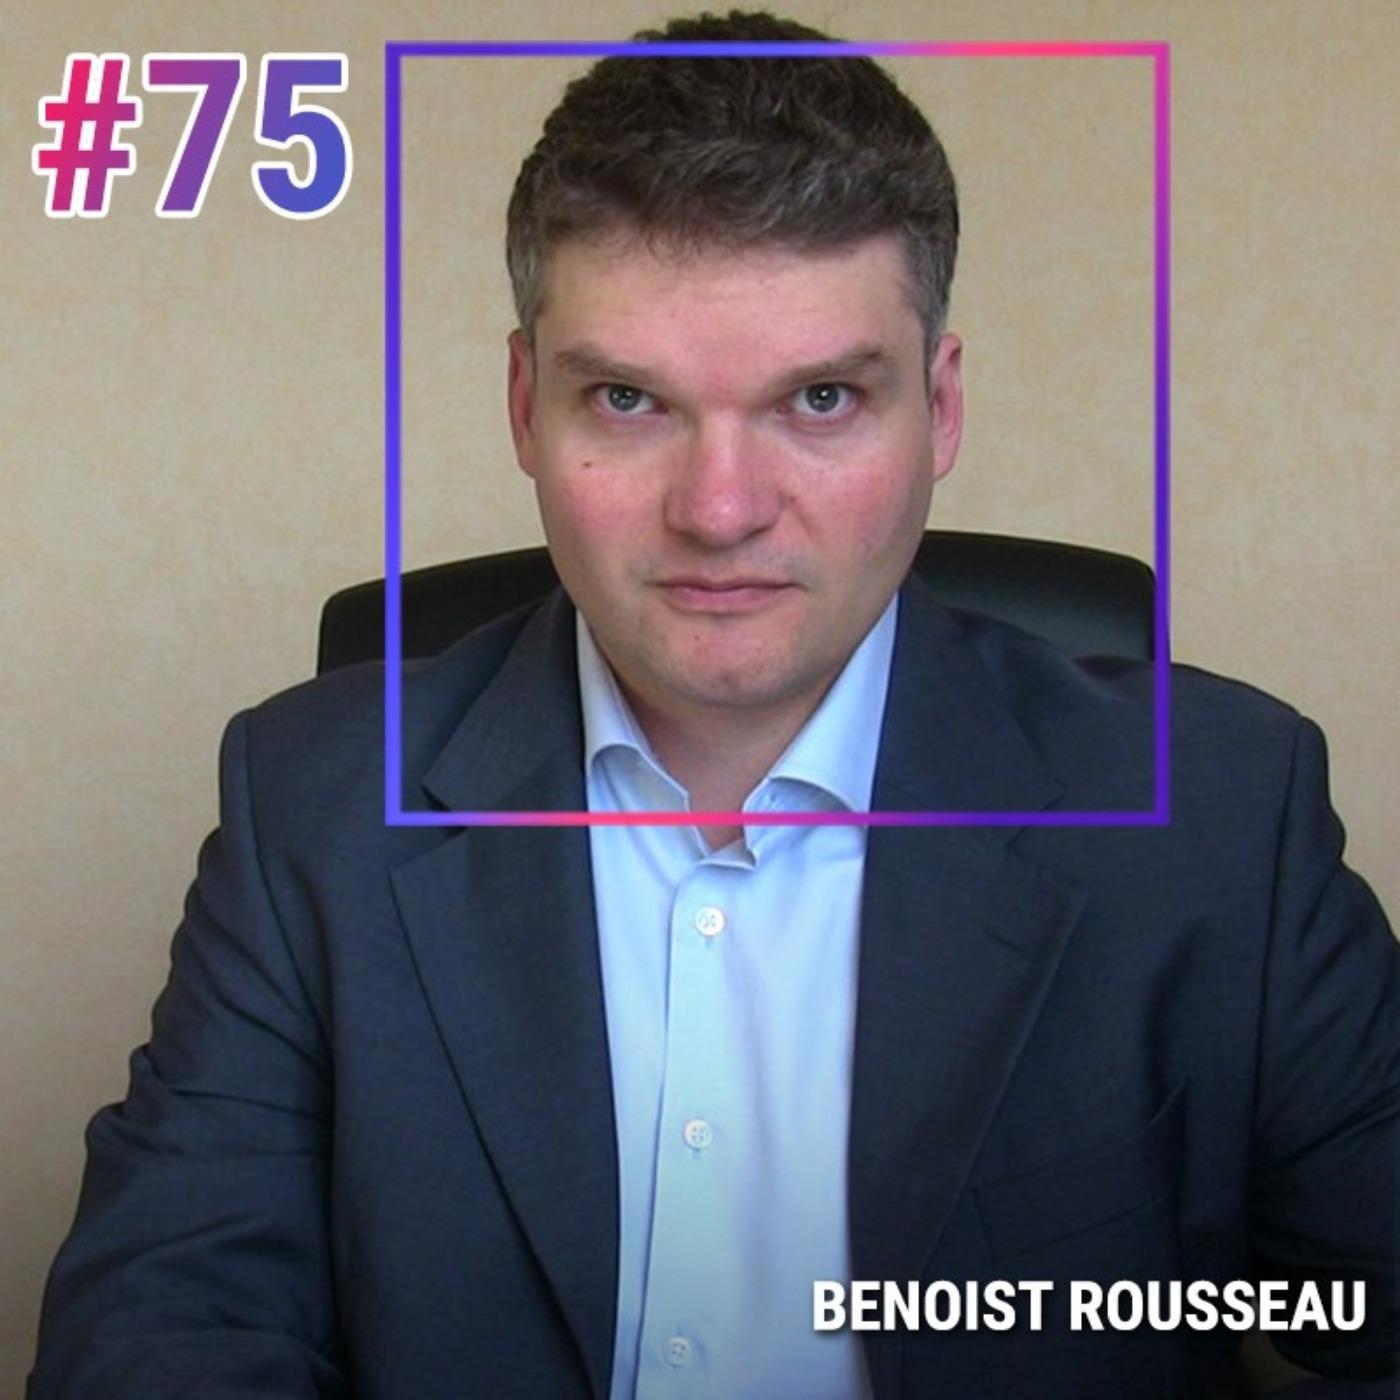 #75 BENOIST ROUSSEAU : PSYCHOLOGIE D'UN TRADER QUI RÉUSSIT (VRAIMENT)